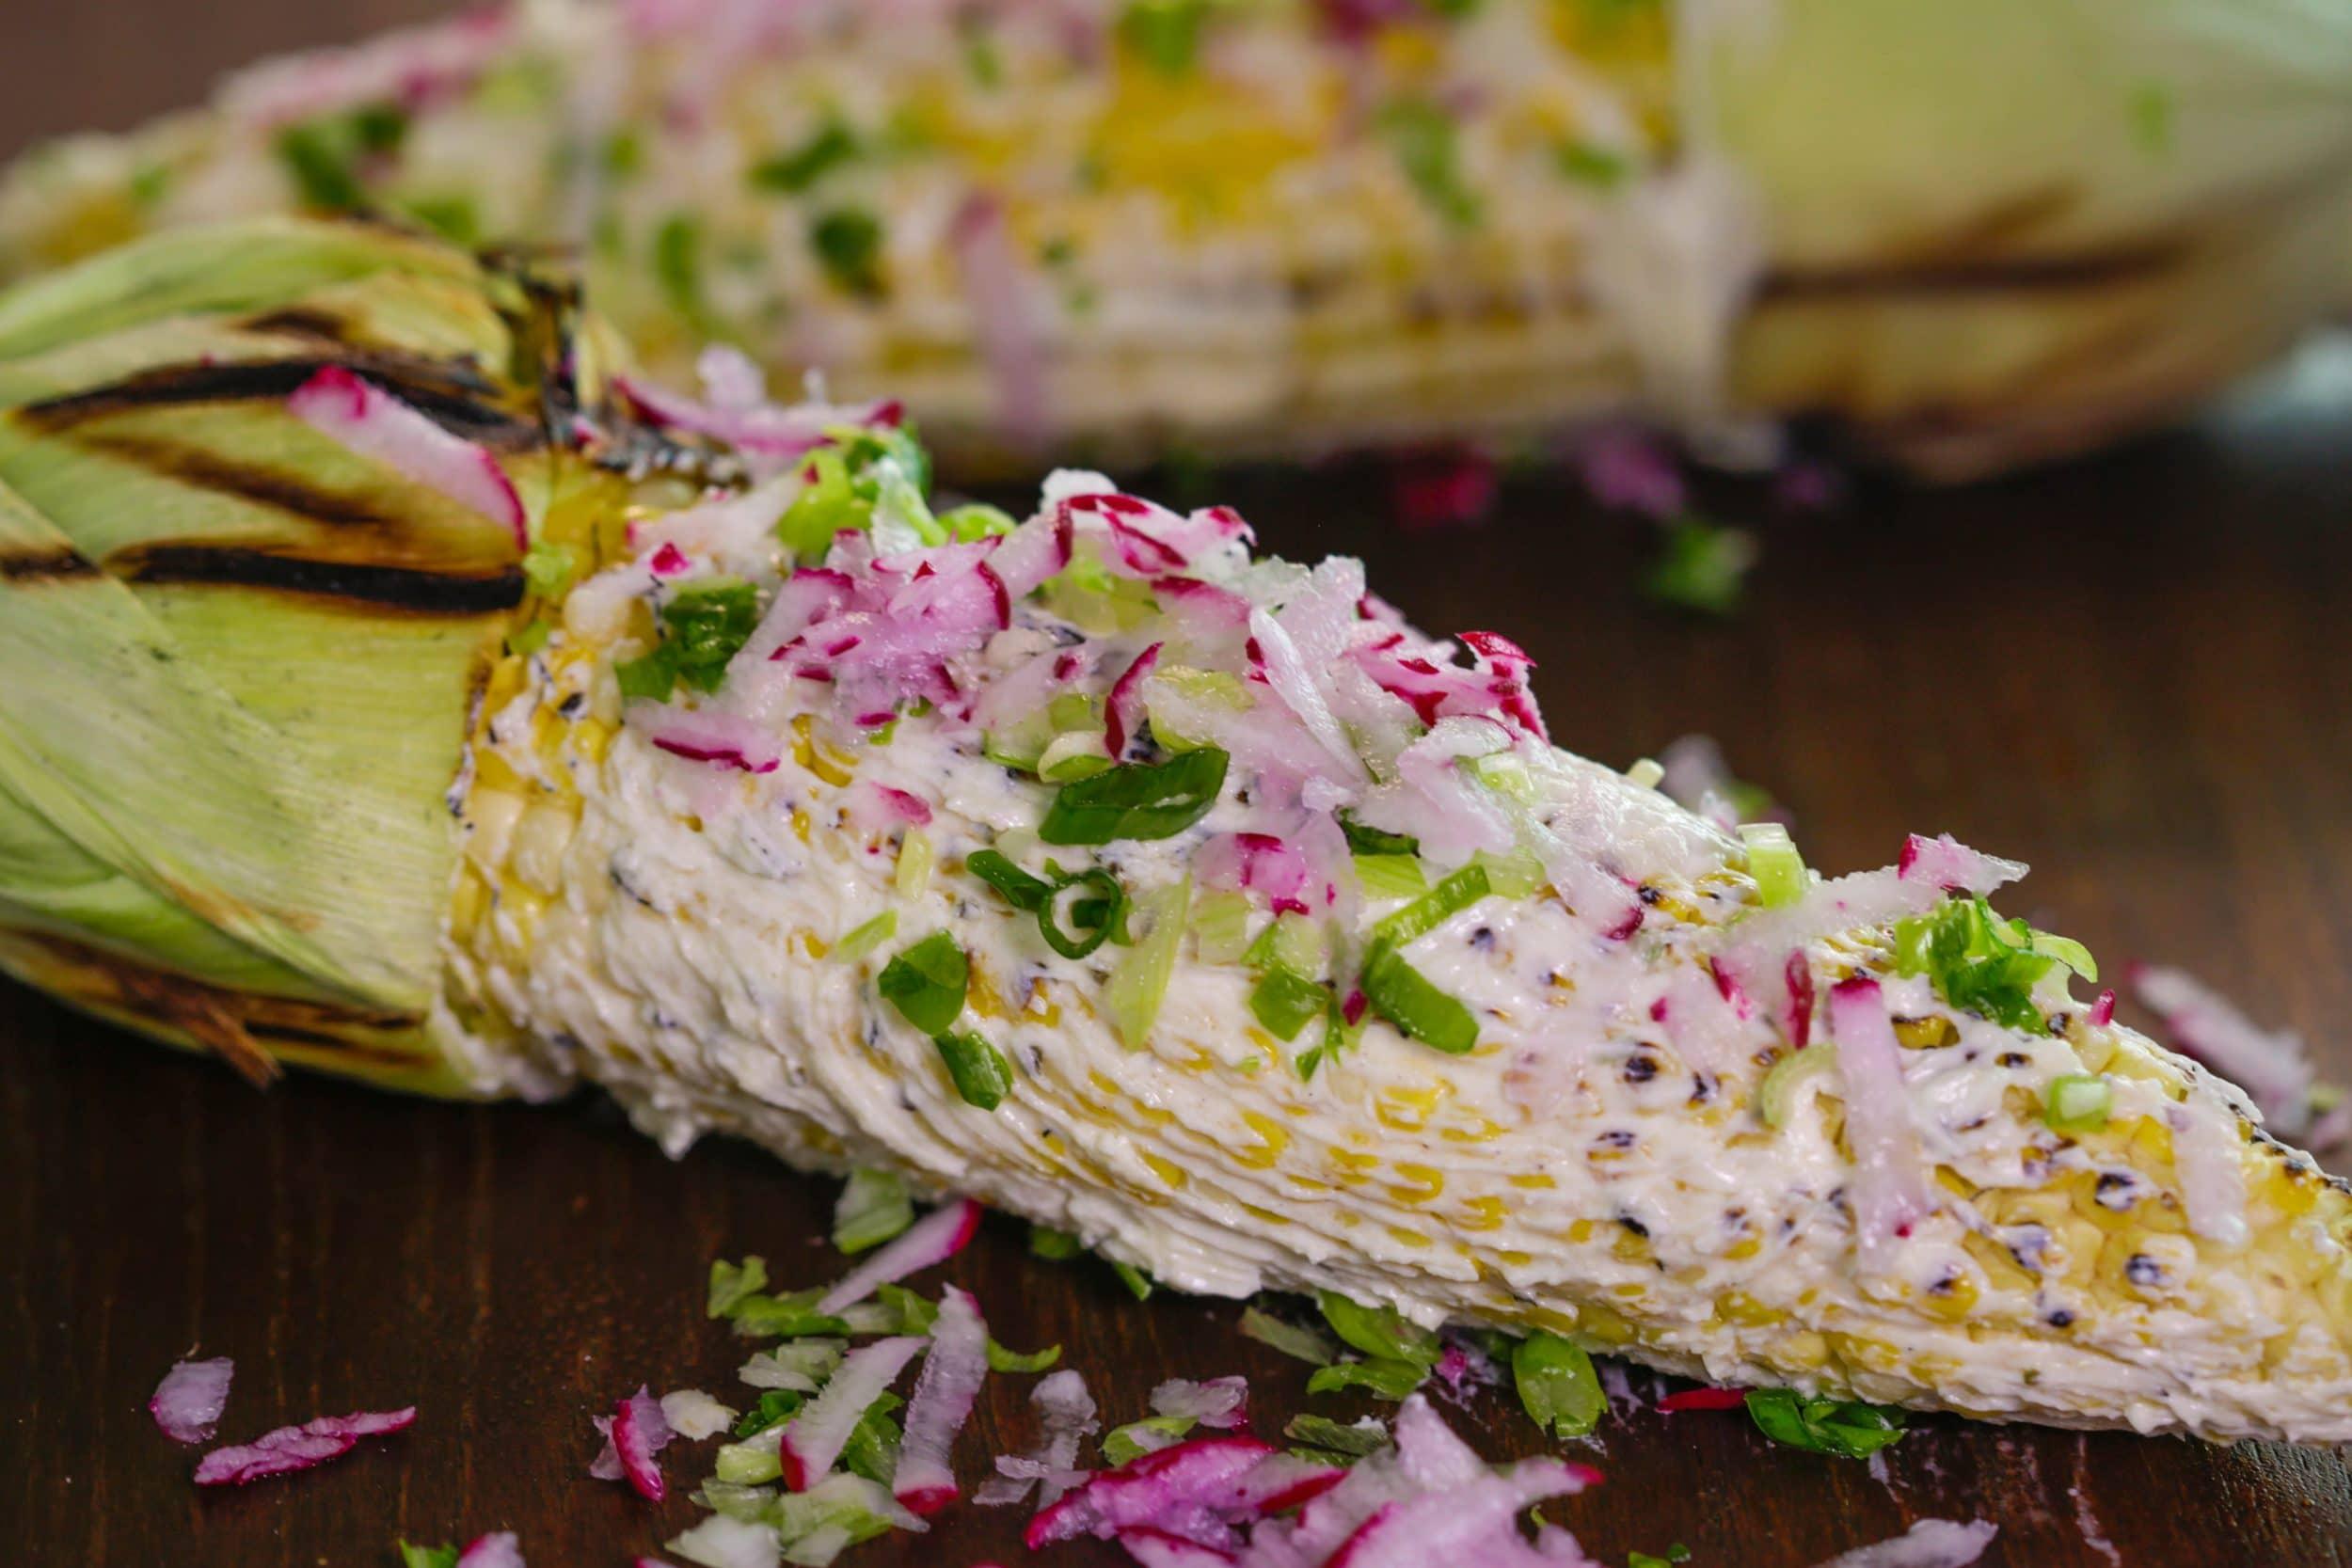 Garlicky Garden Grilled Corn